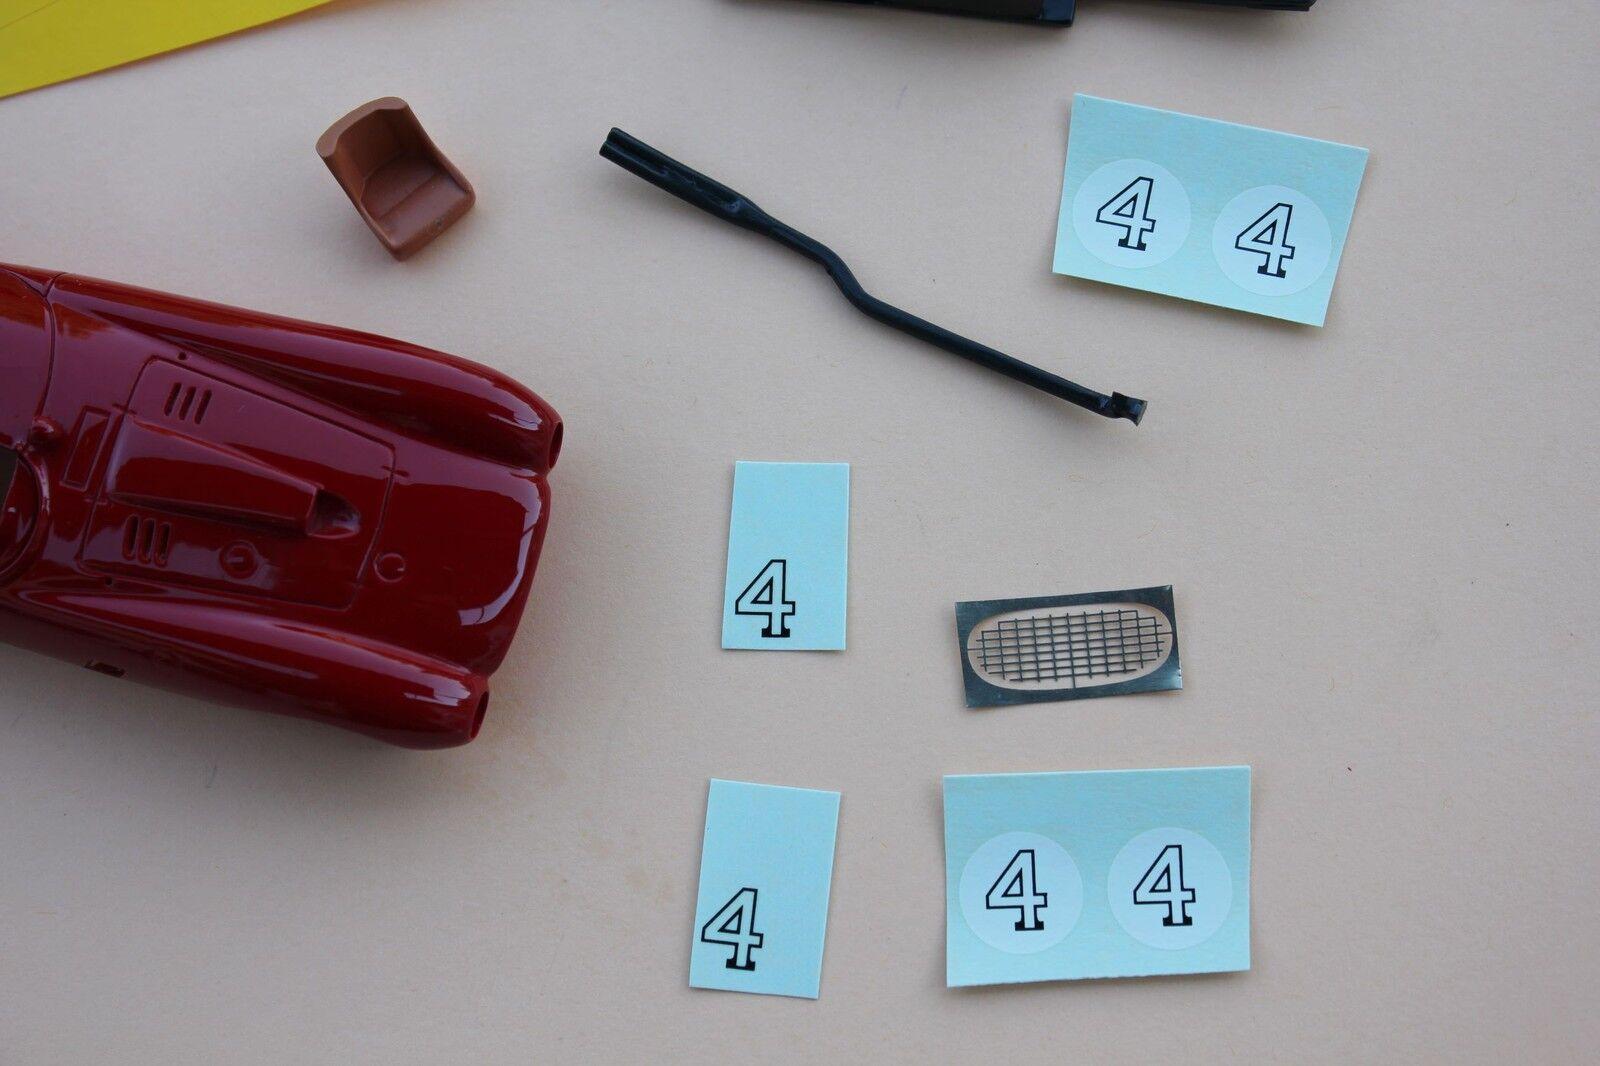 KM' Voiture Ferrari 375 plus 1954 1954 1954 Le Femmes collector 1/43 Heco miniatures Château | Vendant Bien Partout Dans Le Monde  139331